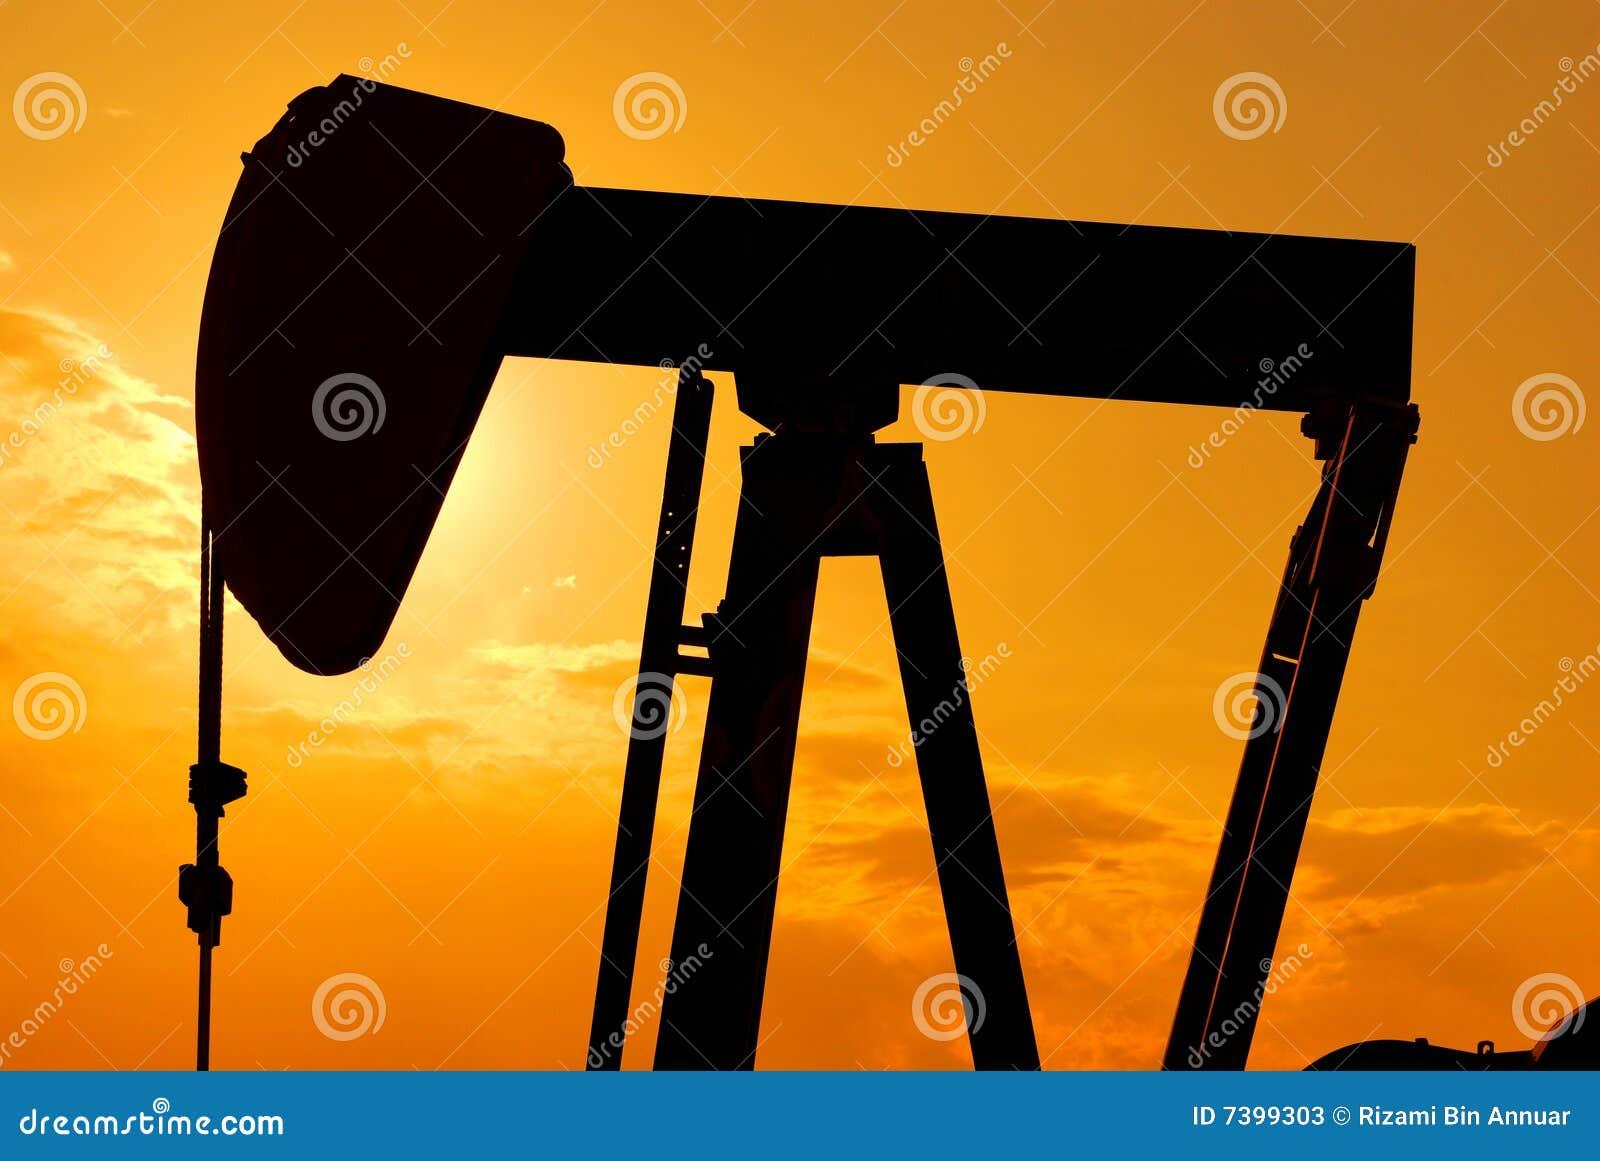 Estrazione dell olio grezza